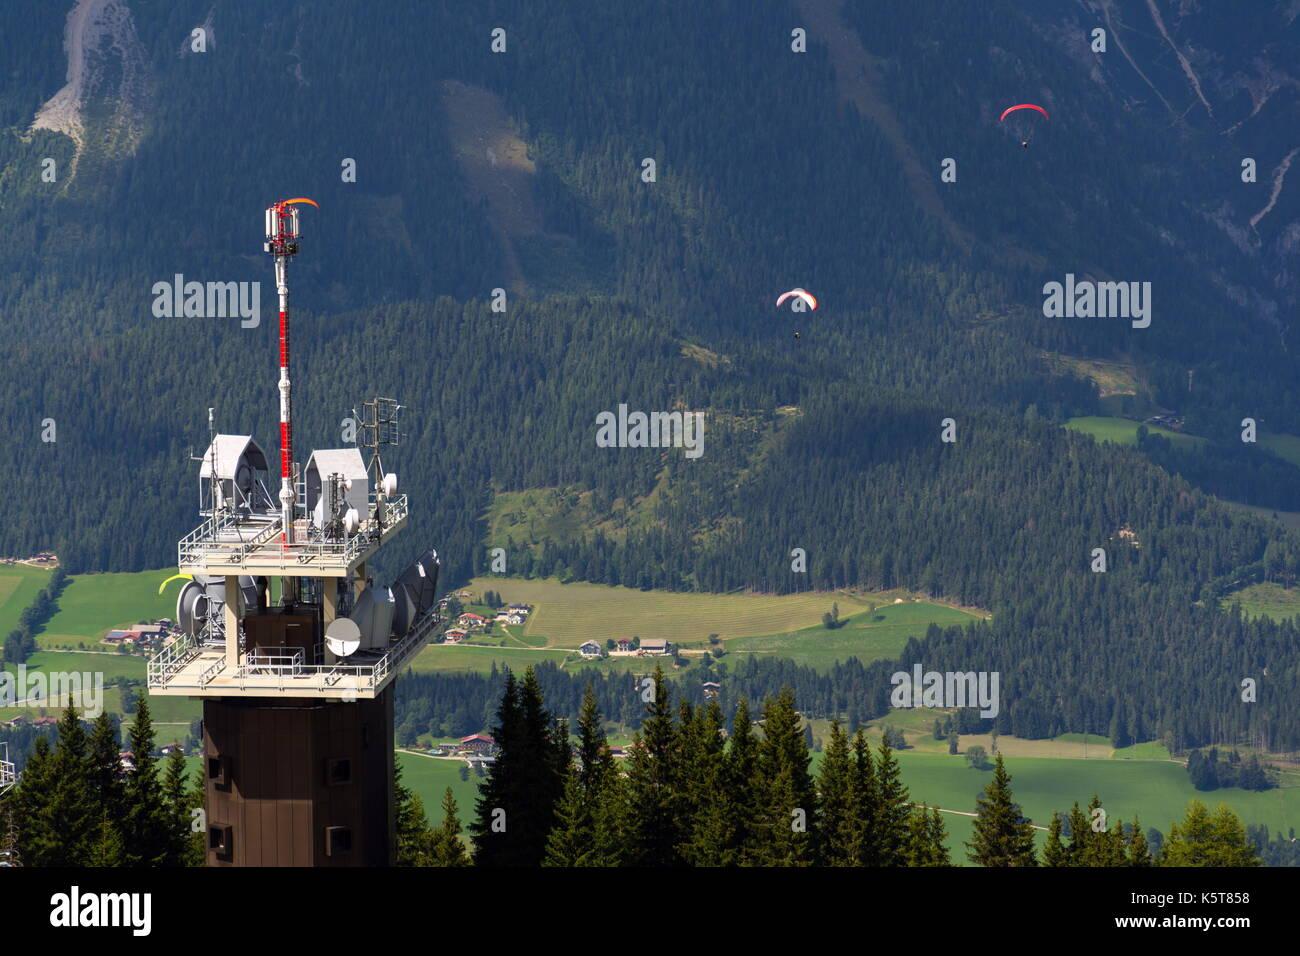 Planai Telekommunikationsturm mit fliegenden Gleitschirme im Hintergrund Stockfoto